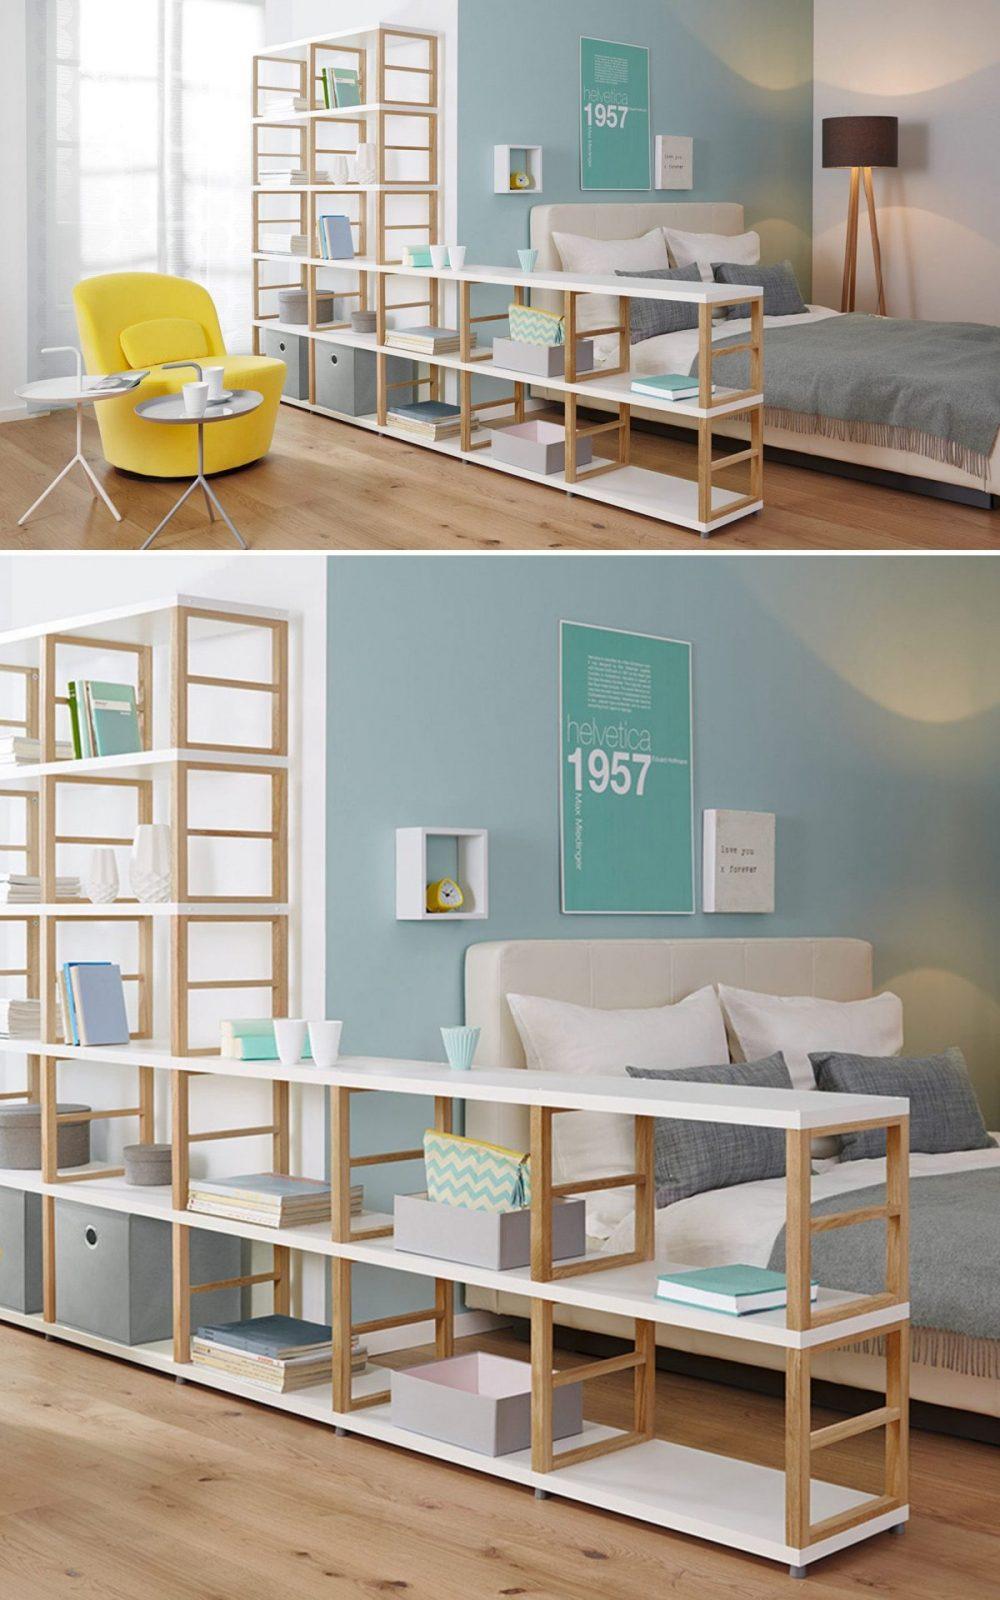 Raumteiler Regale  Ideen Fürs Wohnzimmer Und Arbeitszimmer In 2019 von Raumteiler Regal Selber Bauen Bild